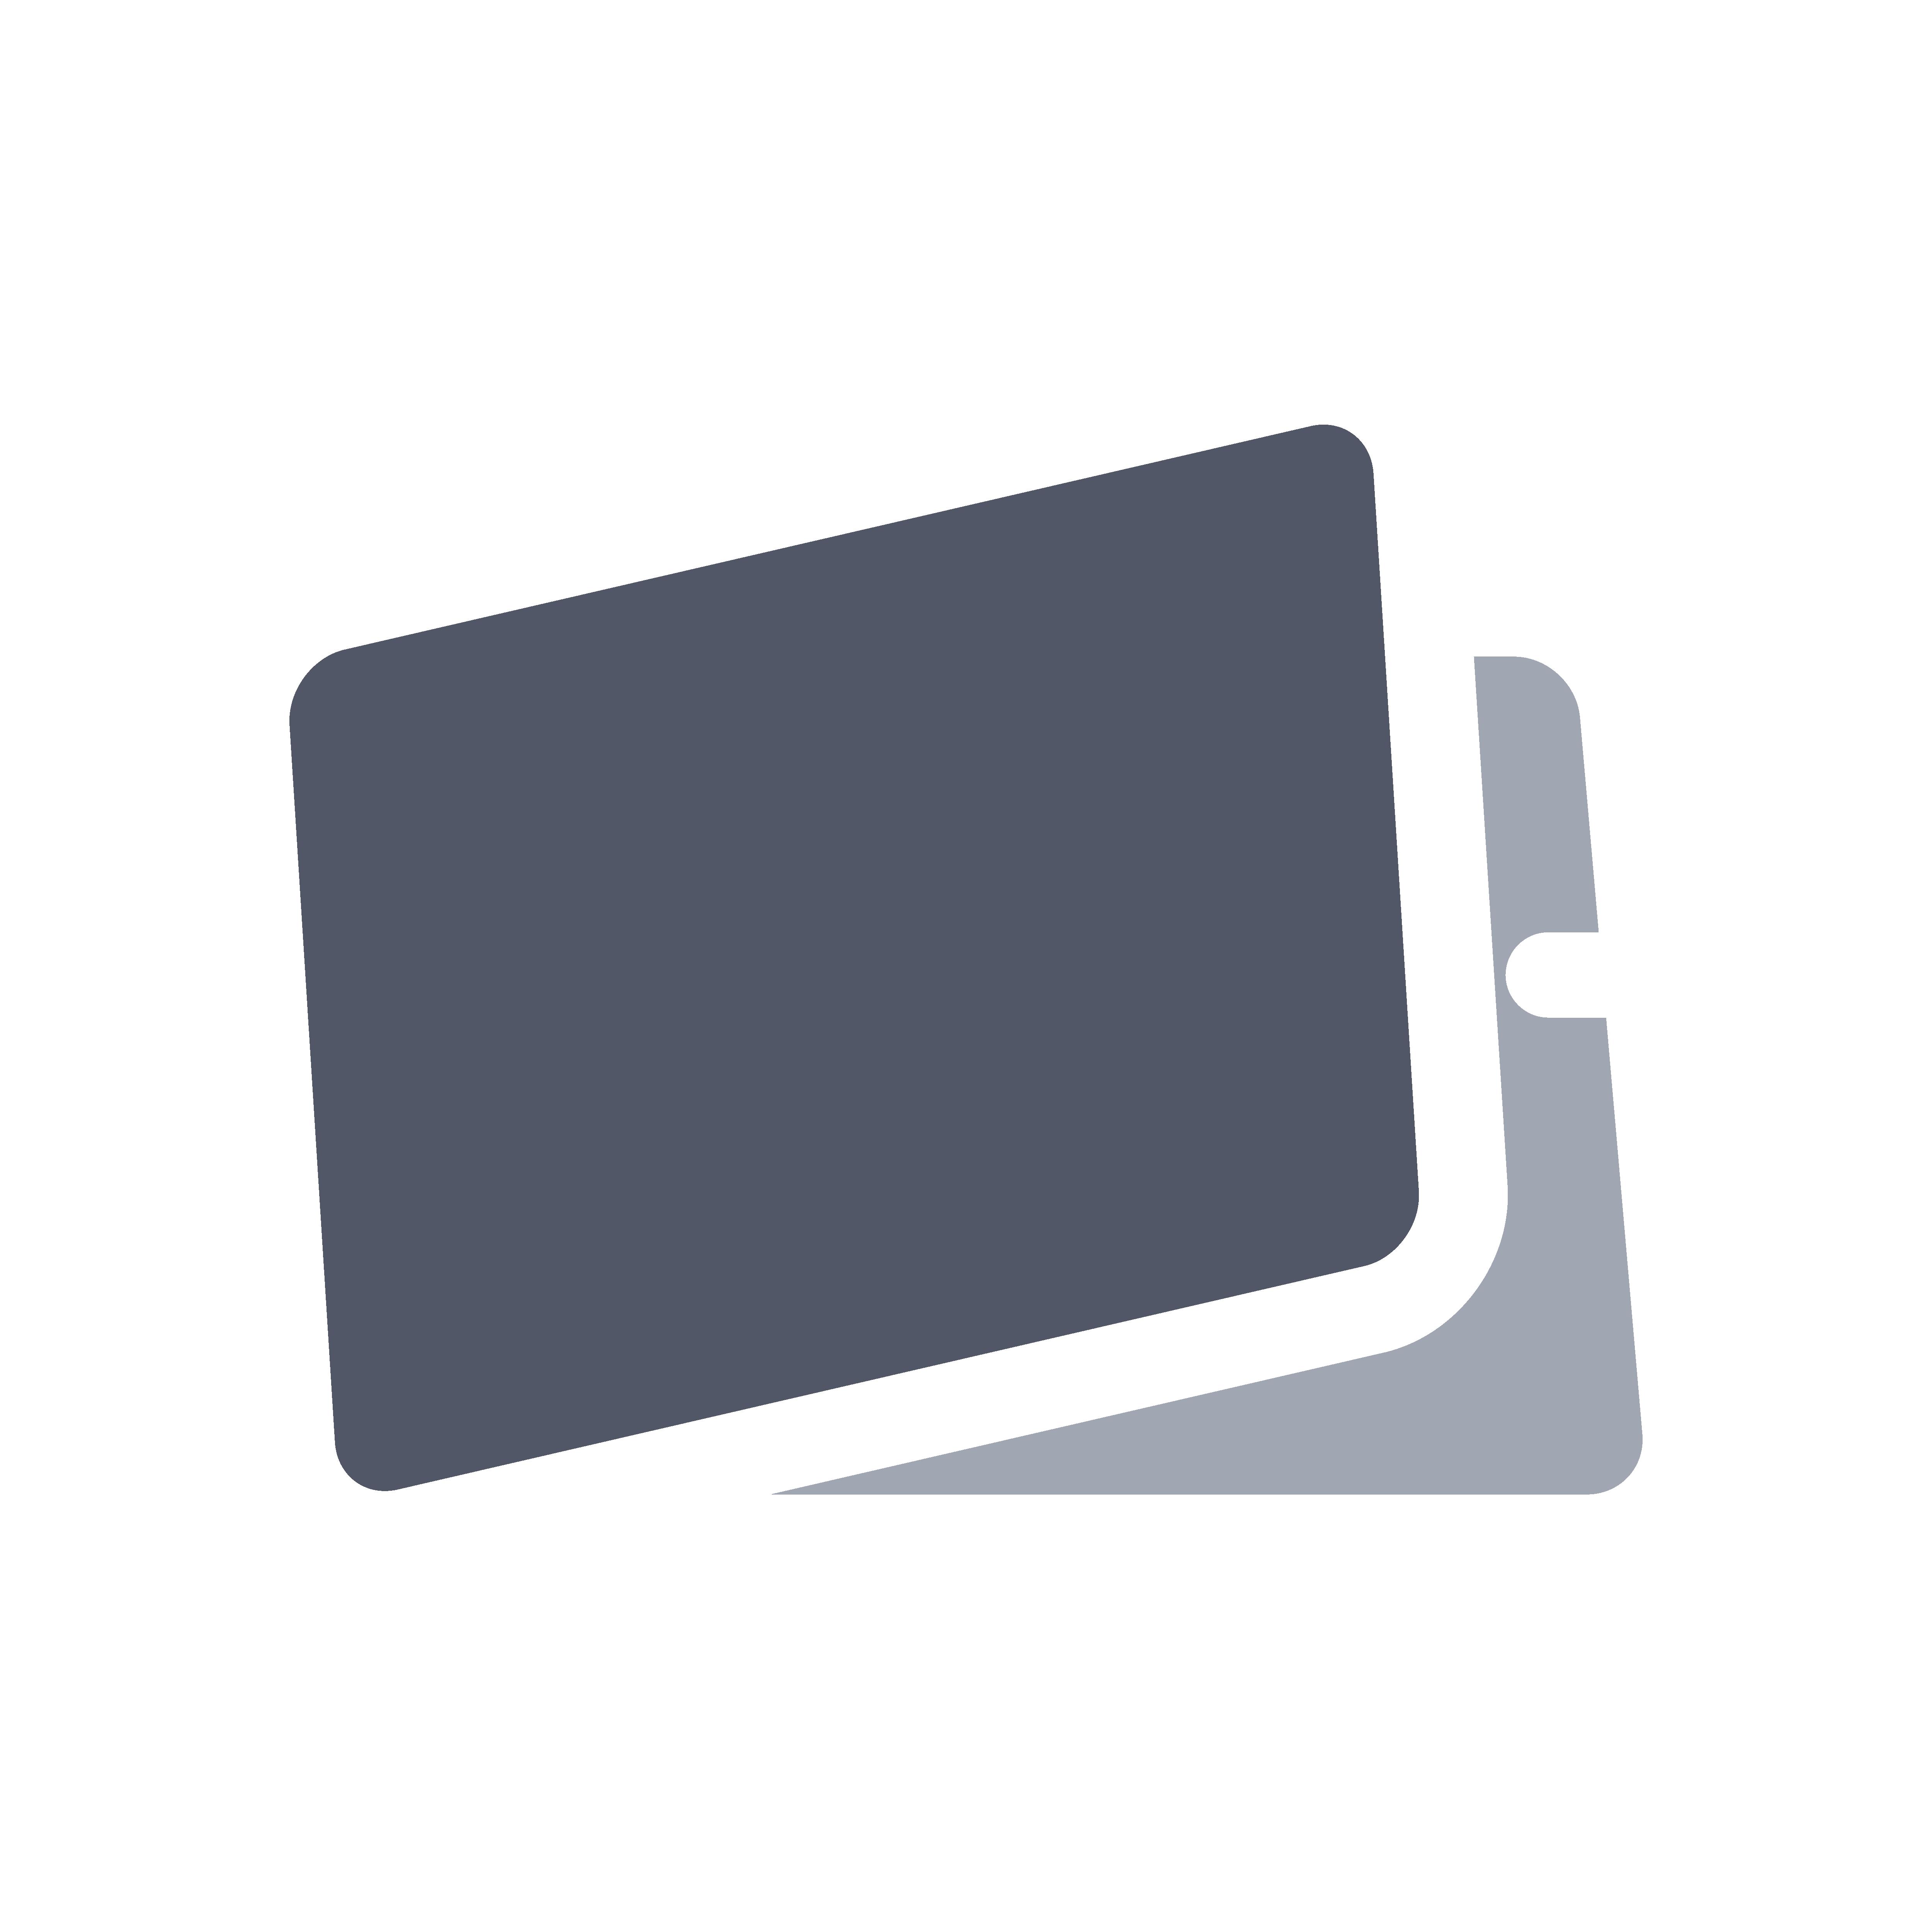 AwardWallet Logos.